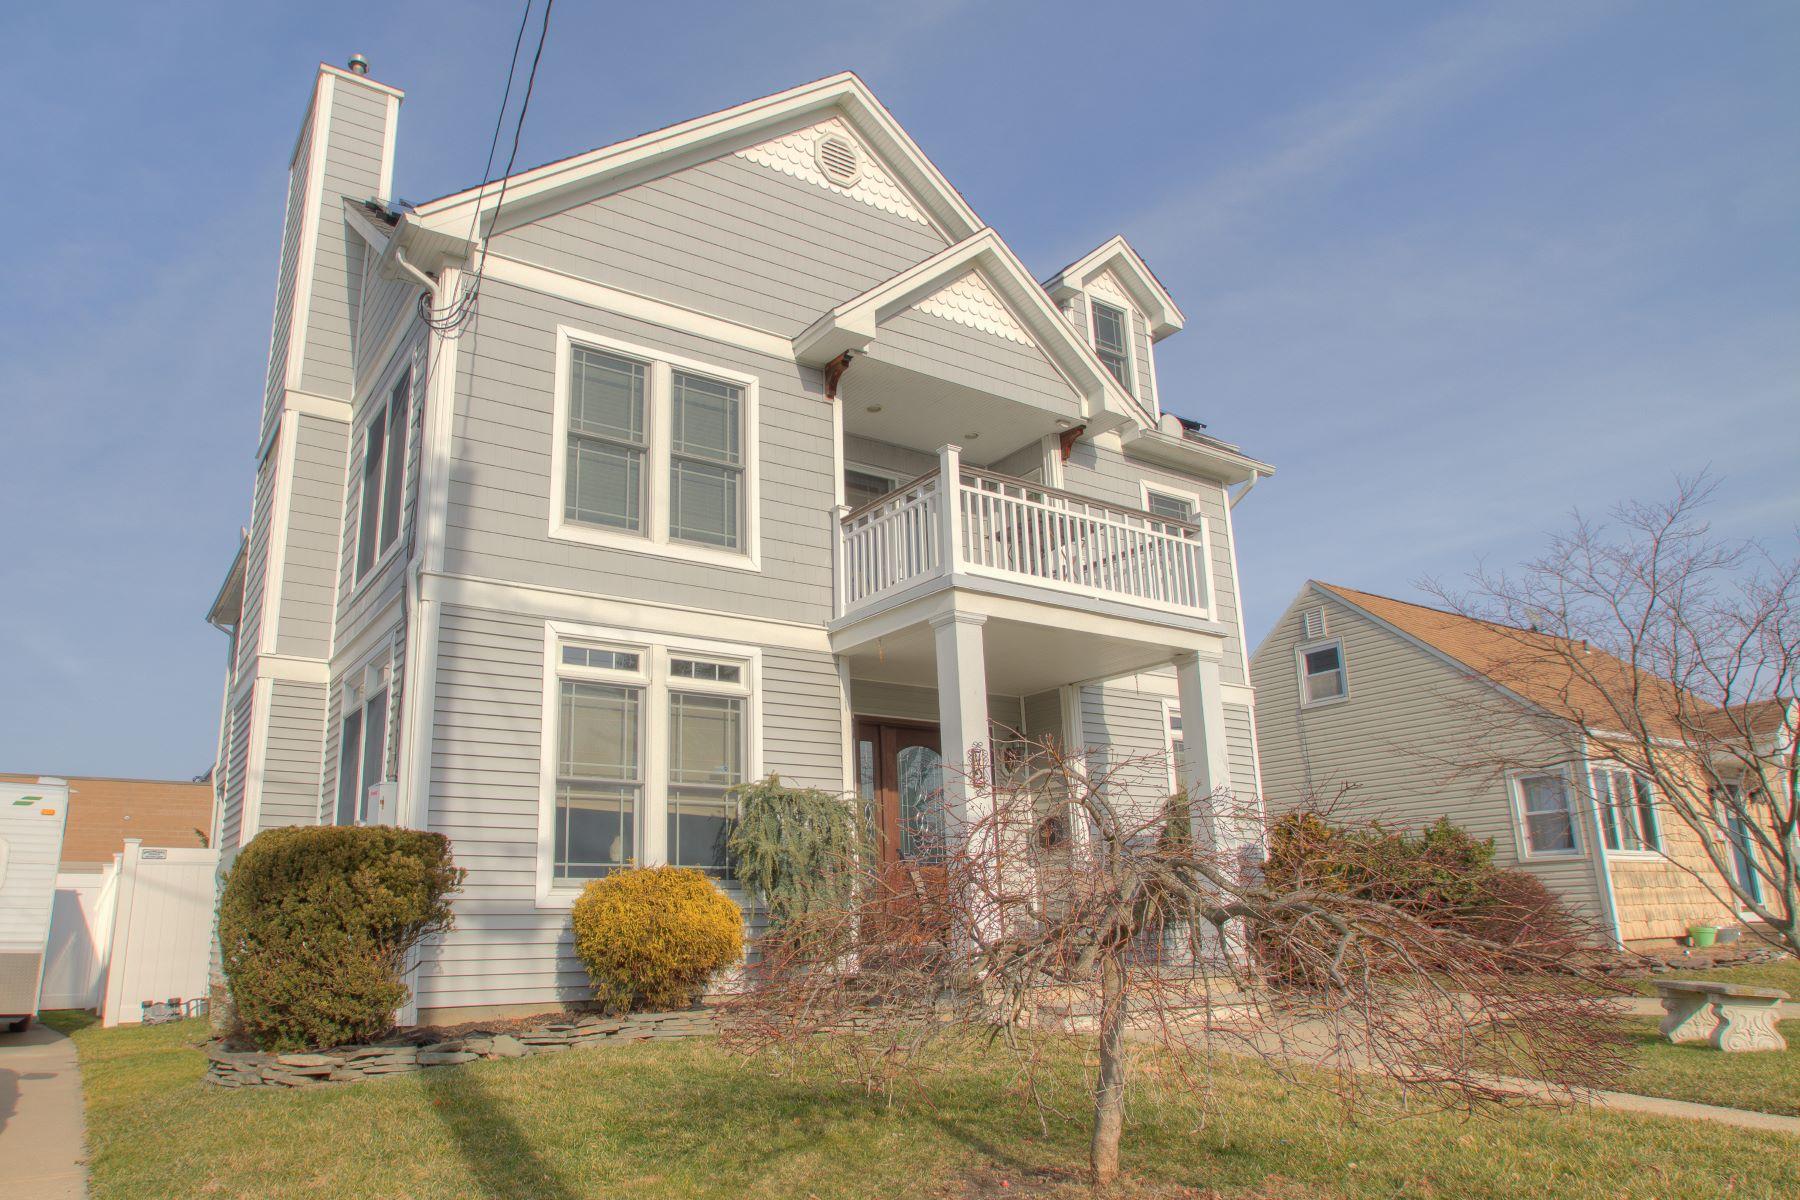 Casa Unifamiliar por un Venta en Sunny Seashore Colonial 72 Lincoln Ave Neptune City, Nueva Jersey 07753 Estados Unidos